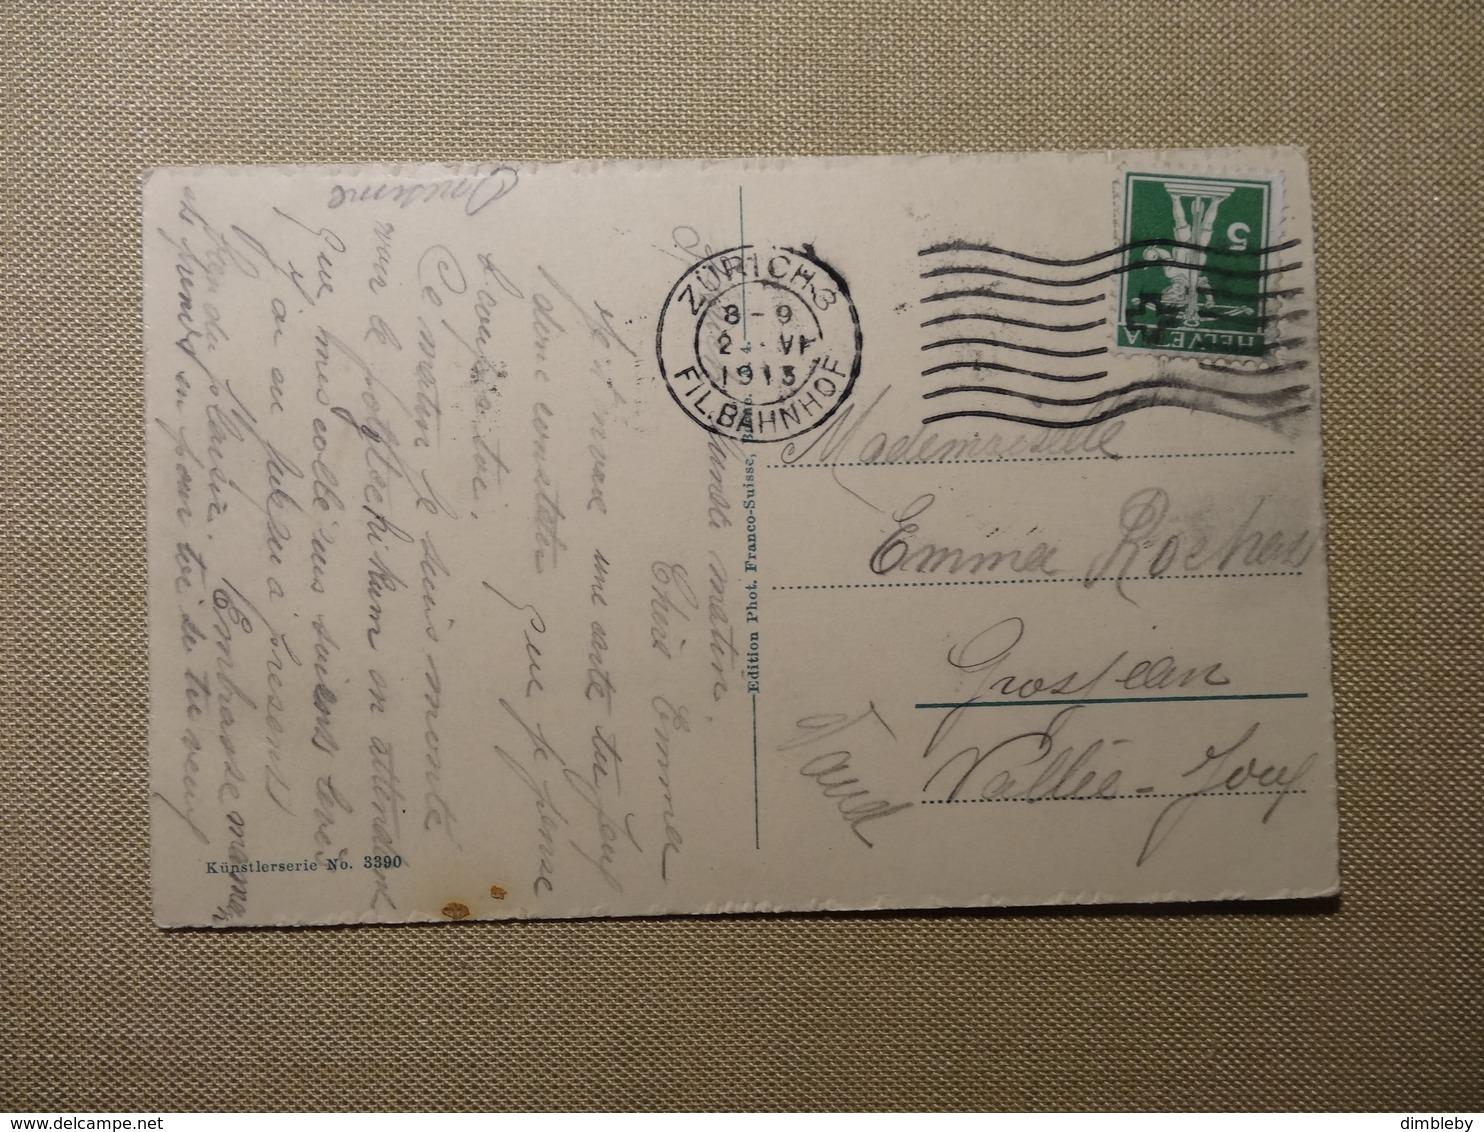 Zürich - Polytechnikum Künstlerserie N° 3390  Franco Suisse 1913  (5514) - ZH Zurich